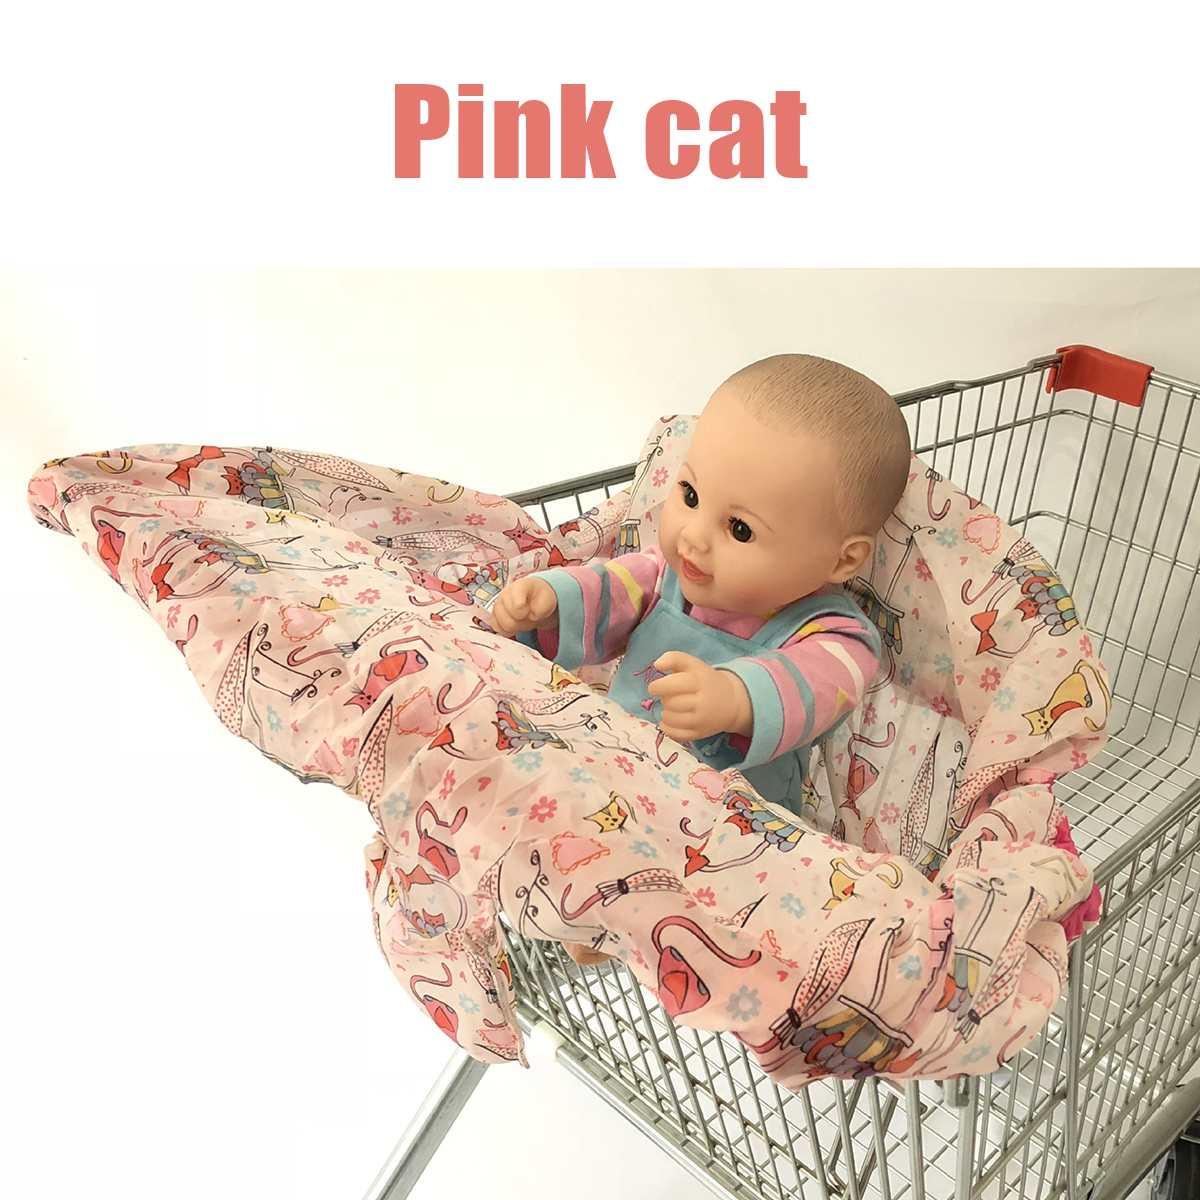 Детская продуктовая тележка для малышей, детская тележка для покупок, Защитная крышка для тележки, защита сиденья, безопасные сиденья для детей - Цвет: Pink cat